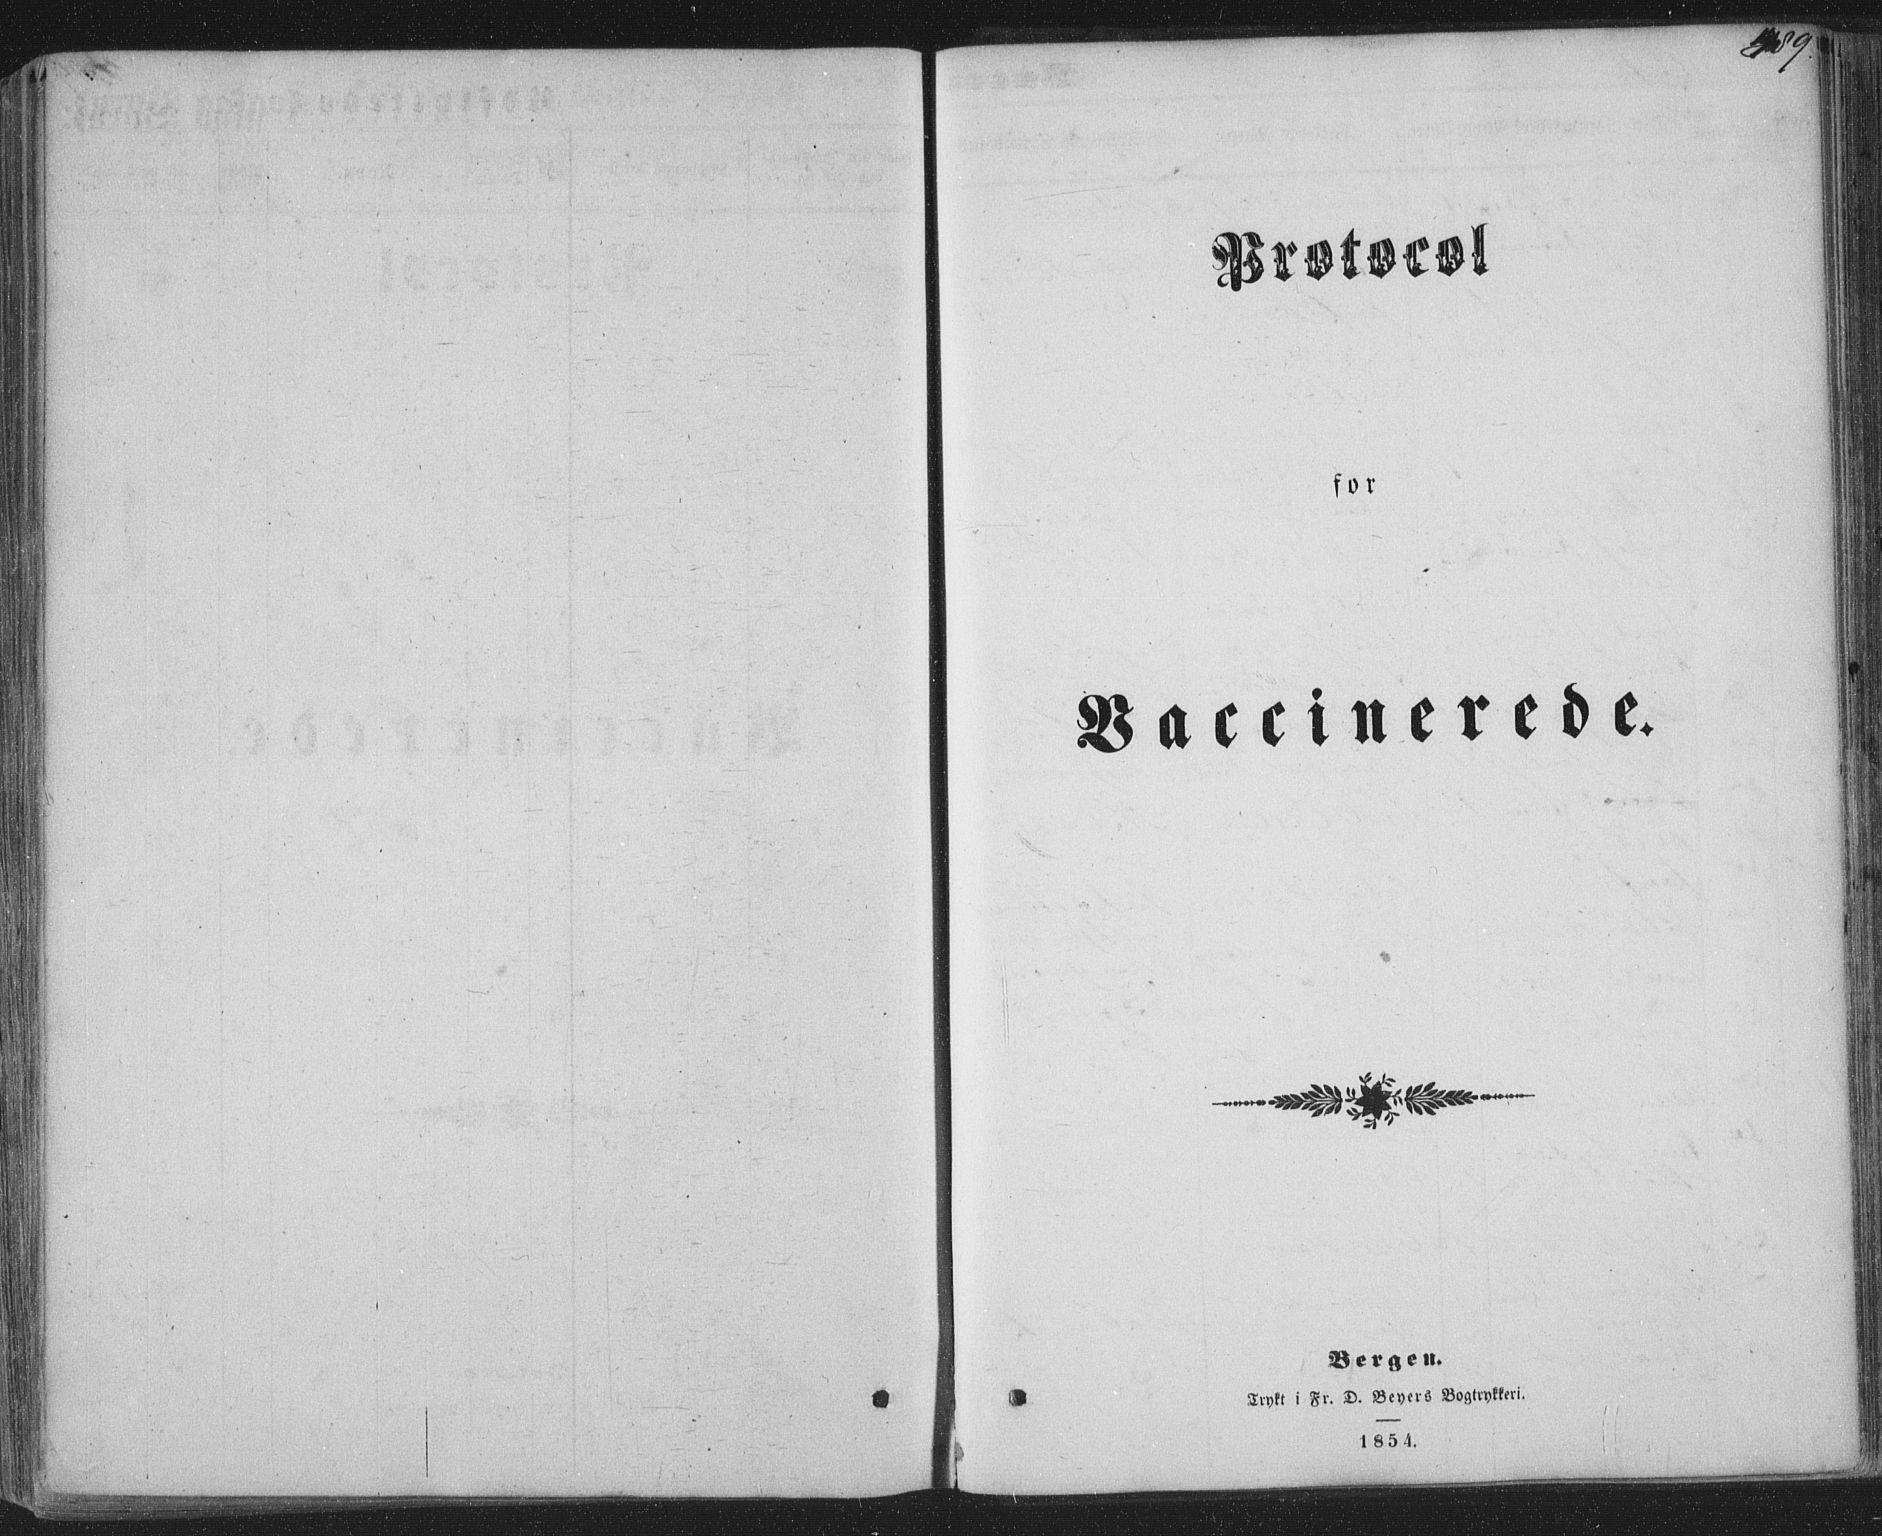 SAT, Ministerialprotokoller, klokkerbøker og fødselsregistre - Nordland, 863/L0896: Parish register (official) no. 863A08, 1861-1871, p. 489